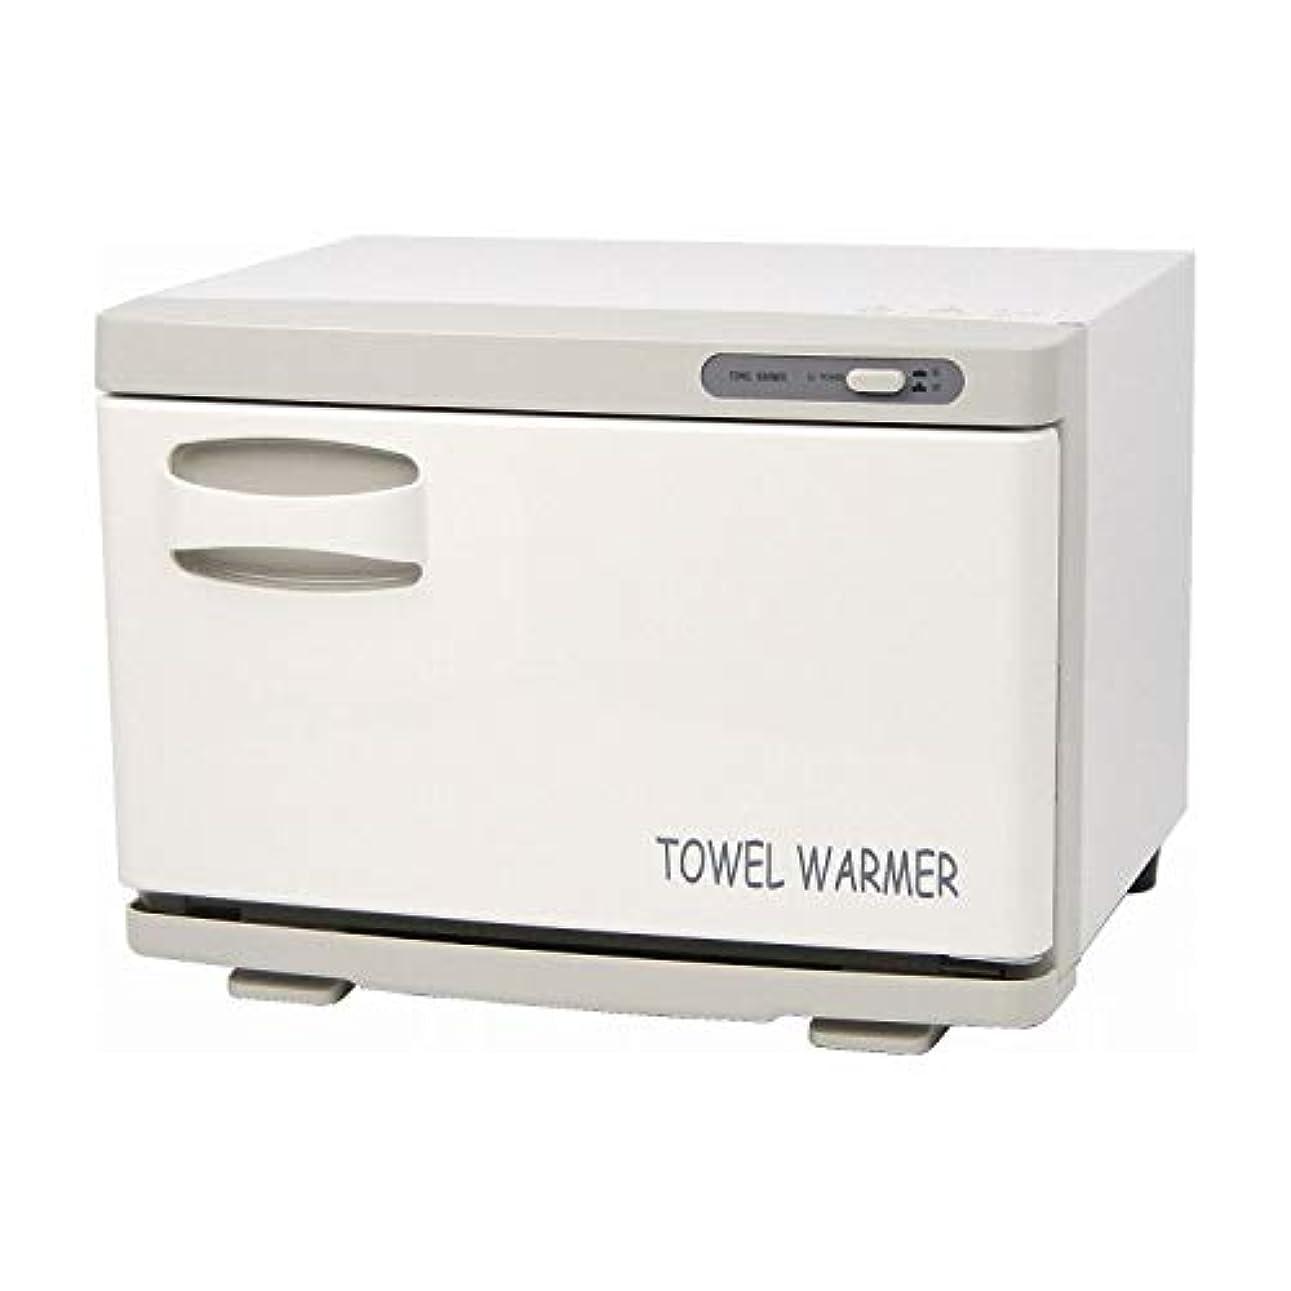 踏みつけヒロイックまたタオルウォーマー TW-12F[ホワイト前開き]新品 おしぼり蒸し器 おしぼりウォーマー ホットウォーマー タオル蒸し器 タオルウオーマー ホットボックス